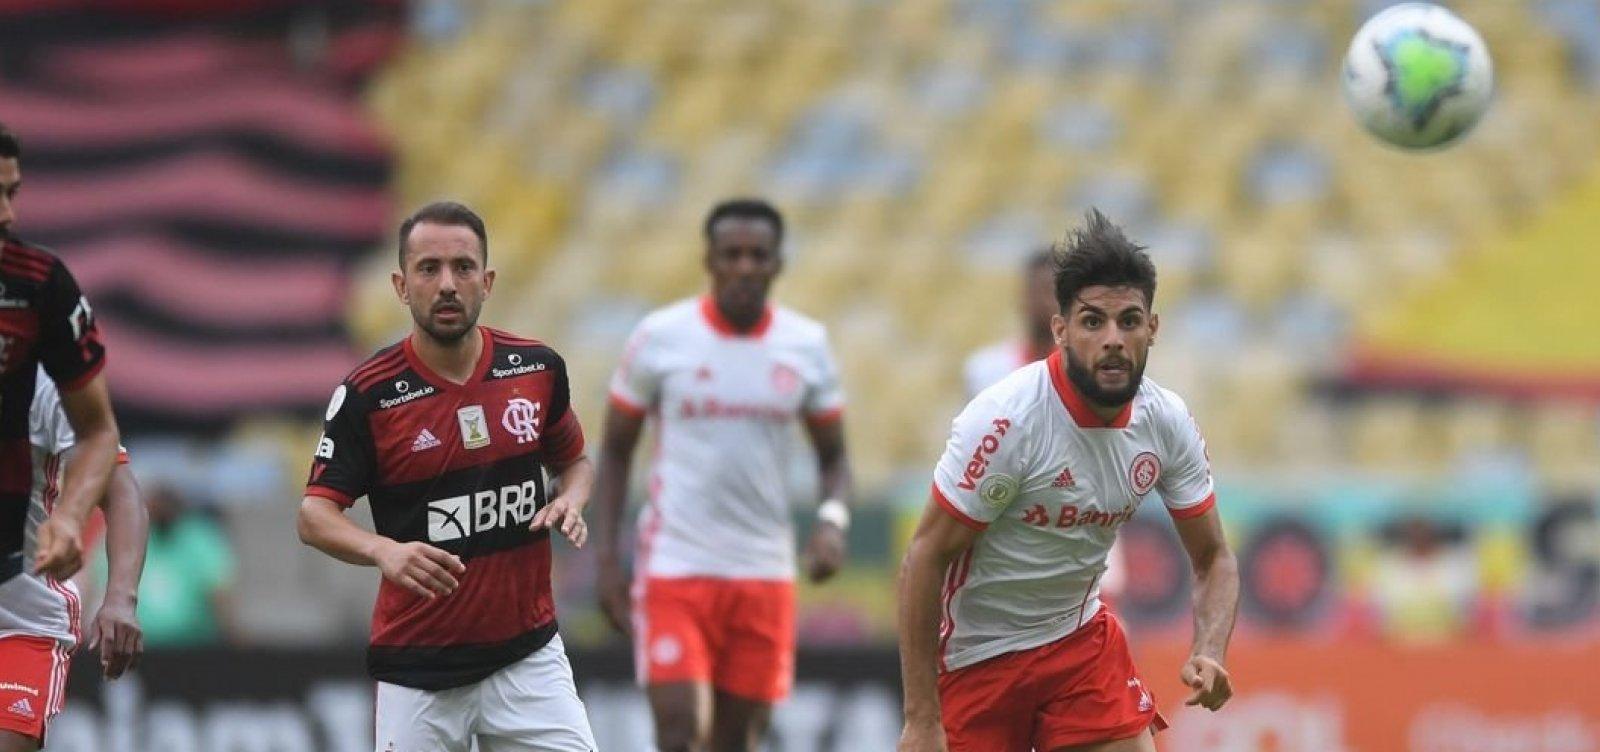 Conselho do Brasileirão rejeita retorno de público a estádios